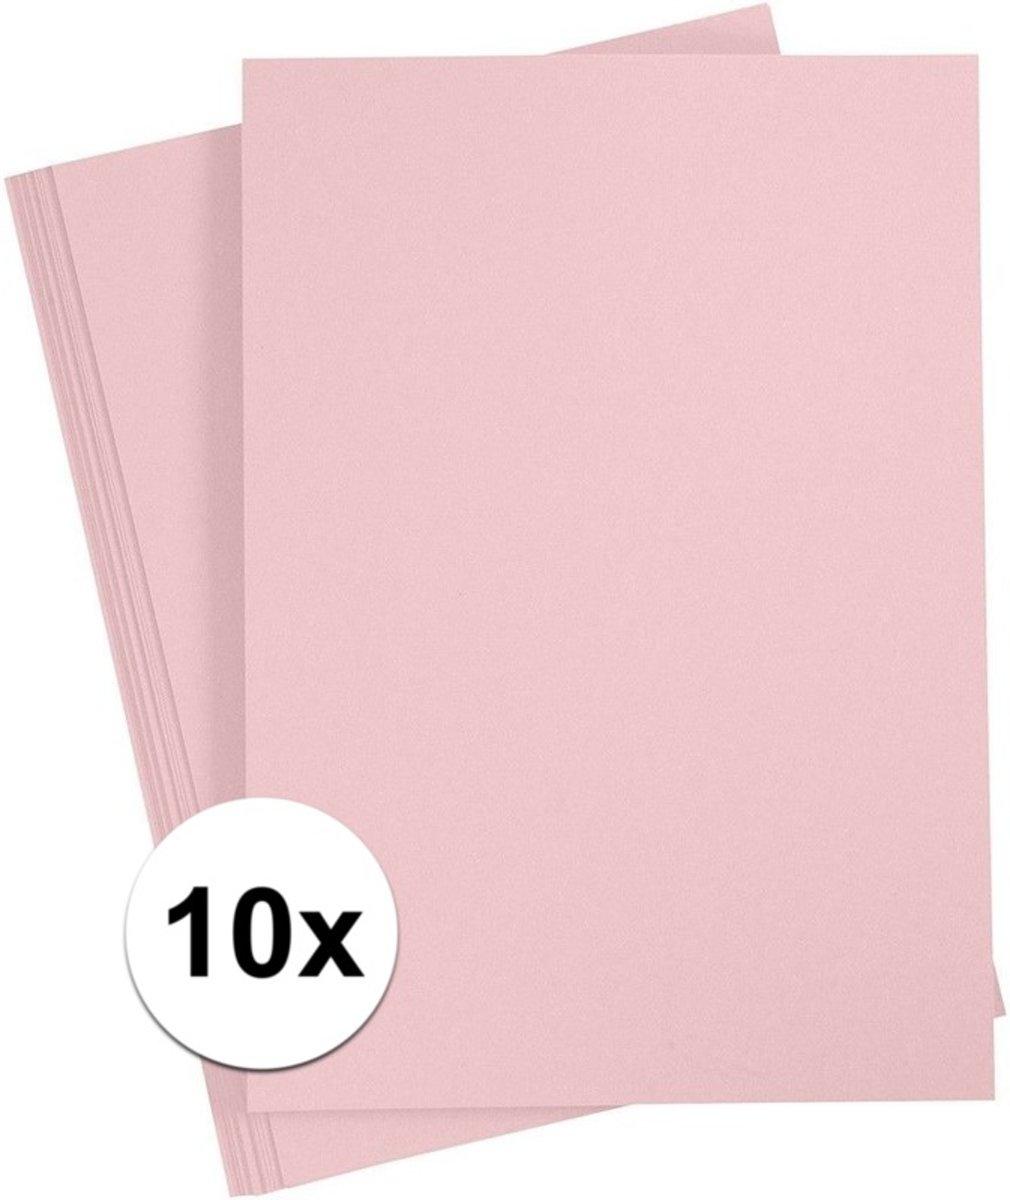 10x Lichtroze A4 vel 180 grams - hobby karton kopen